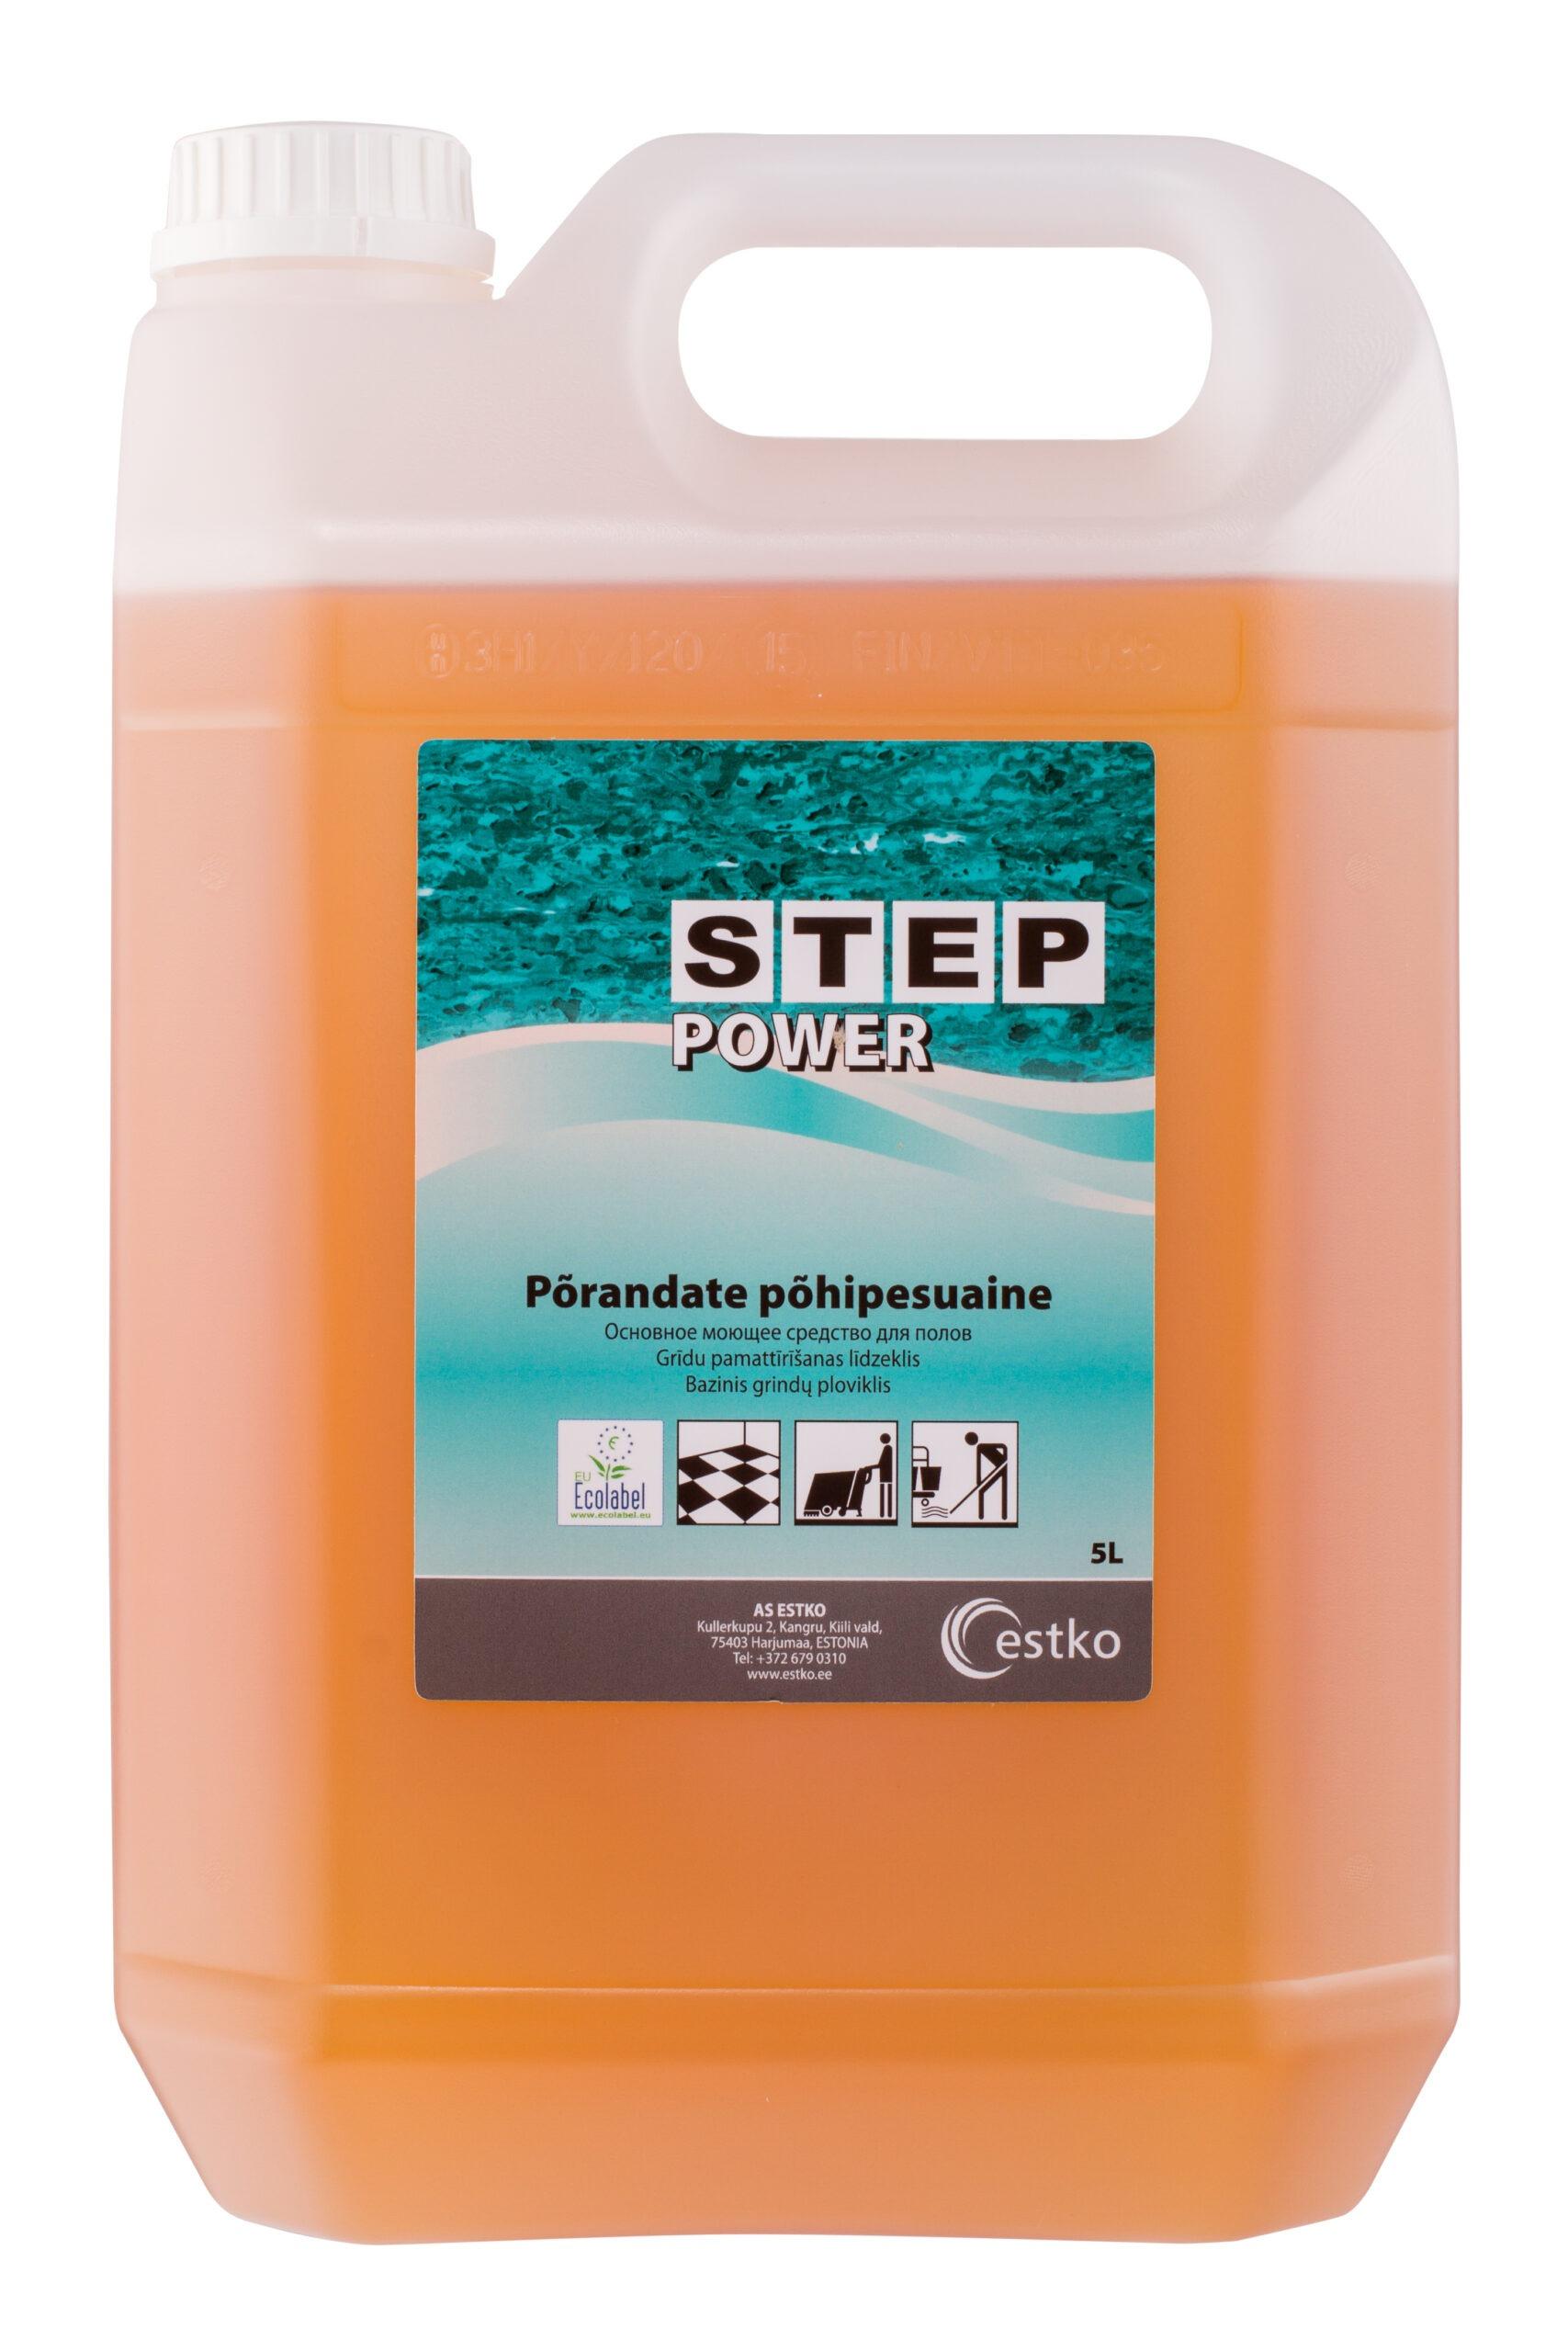 STEP Power põhipuhastusaine põrandatele